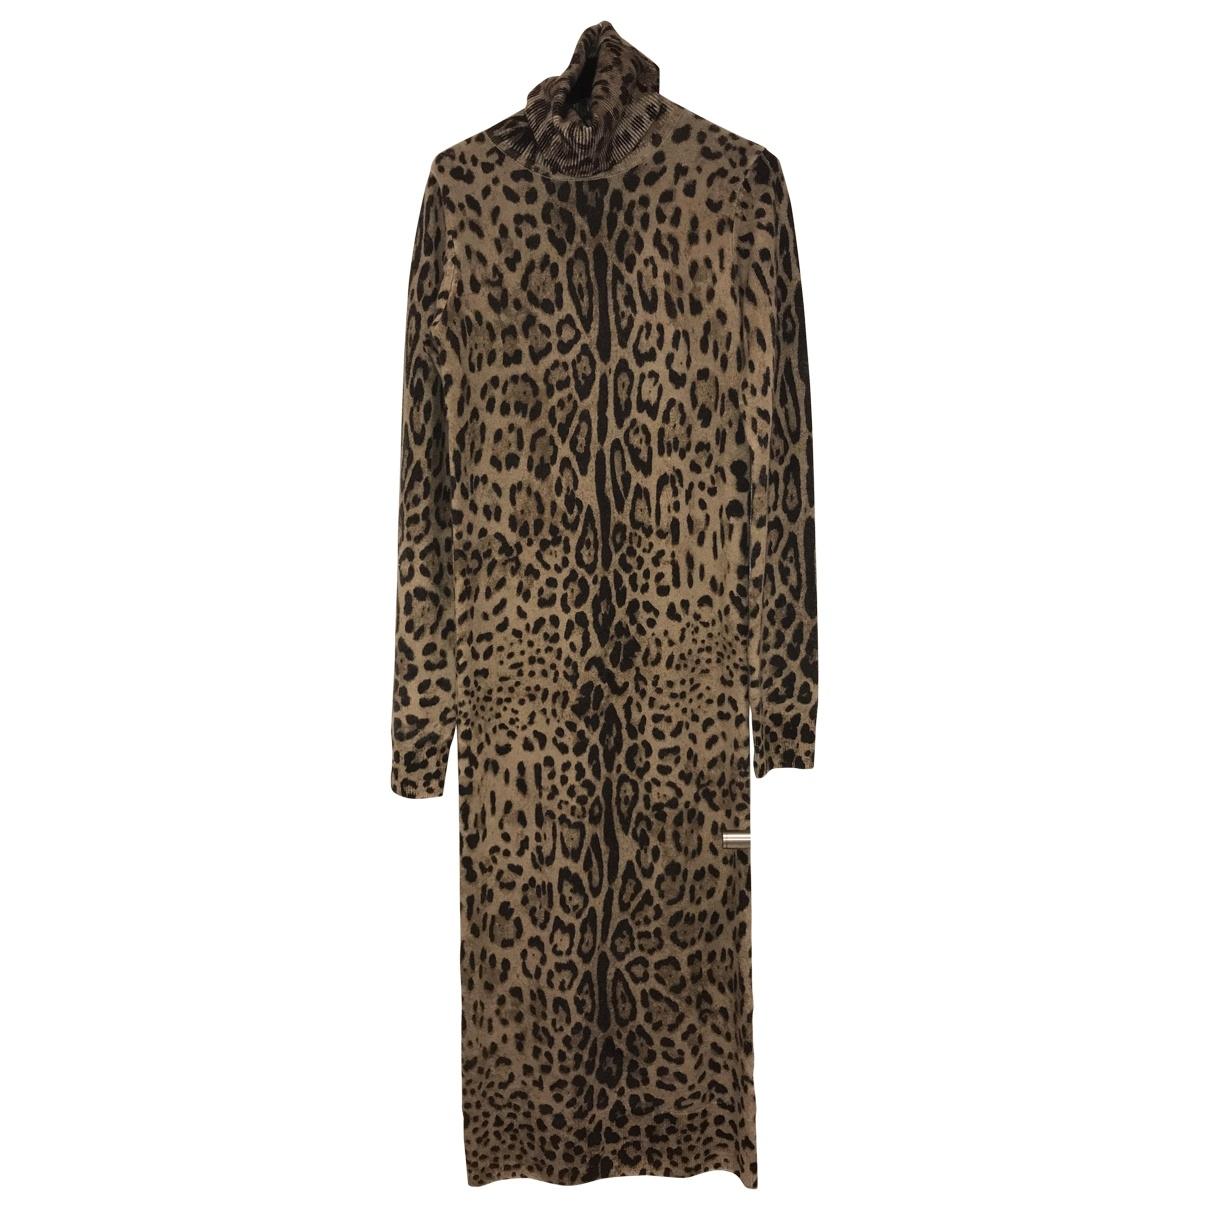 Dolce & Gabbana - Robe   pour femme en cachemire - multicolore